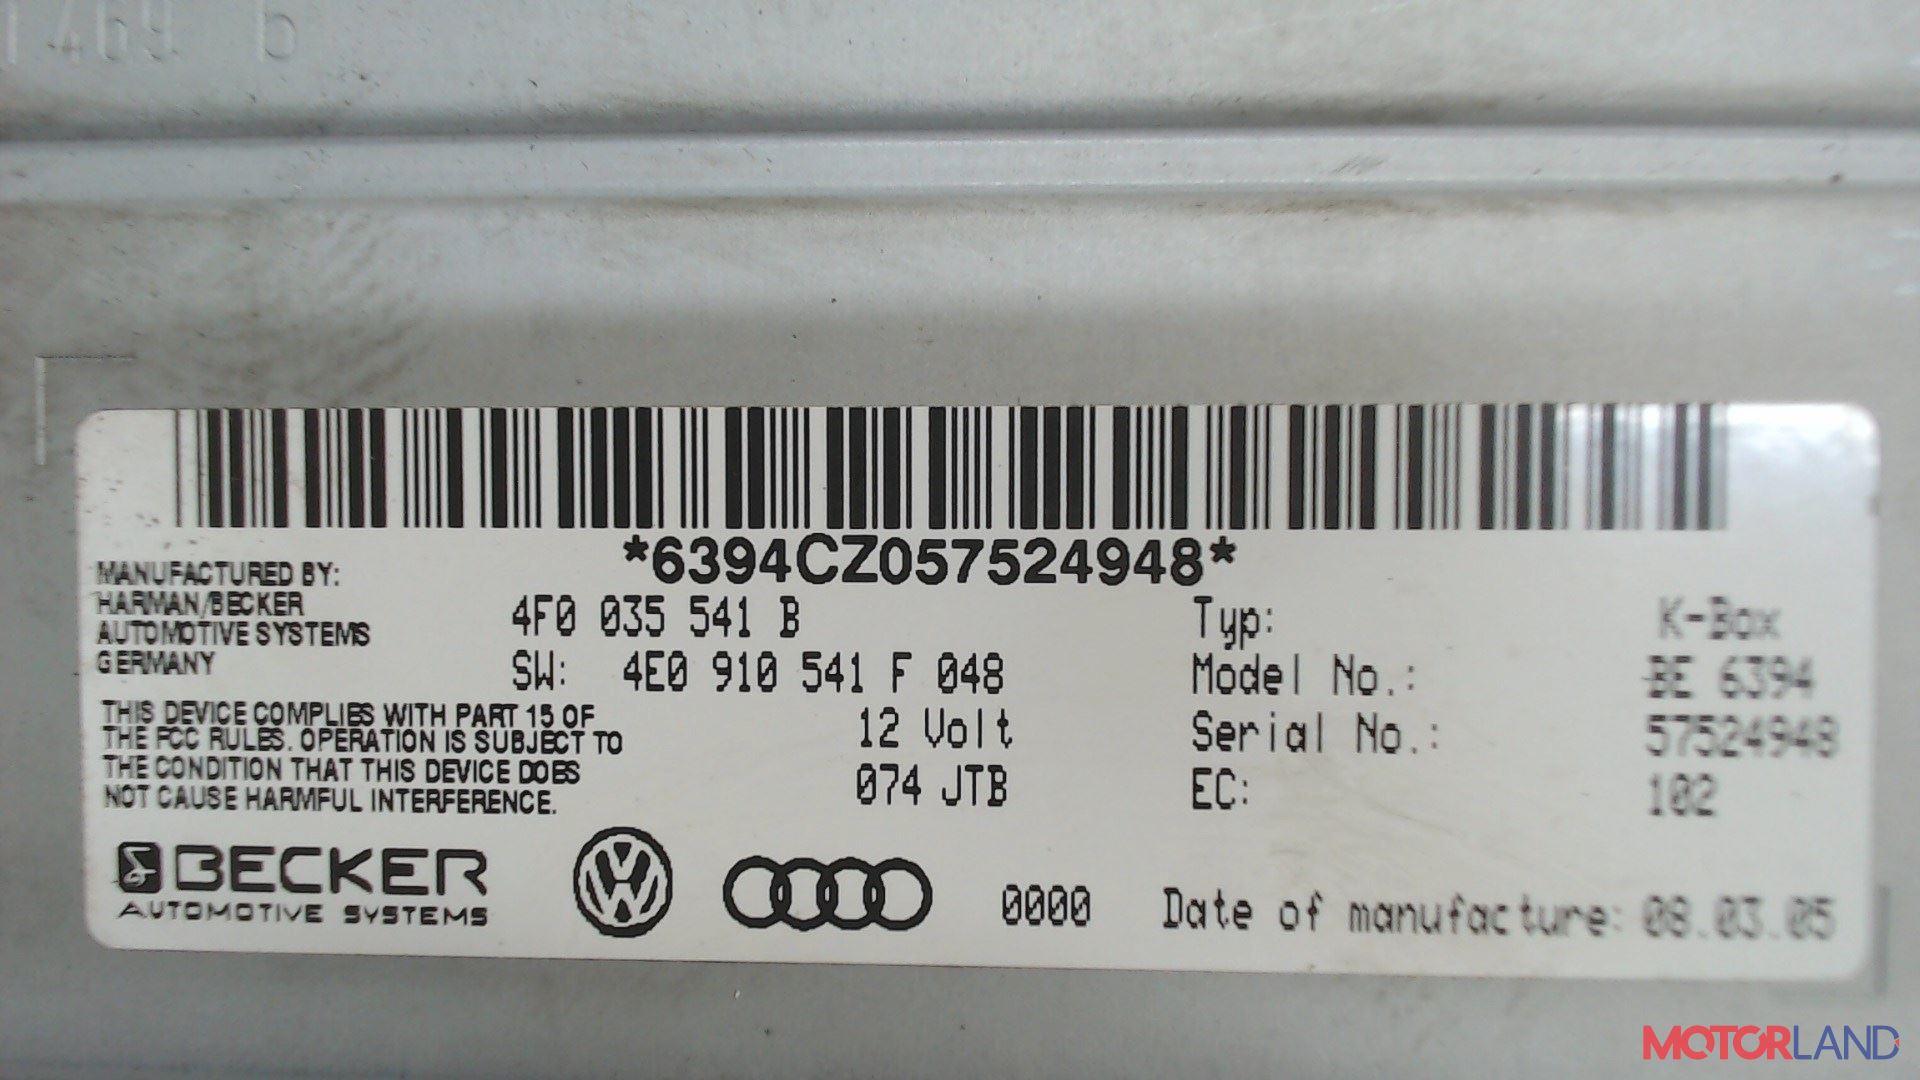 Блок управления (ЭБУ) Audi A6 (C6) 2005-2011 3.2 л. 2005 AUK б/у #4